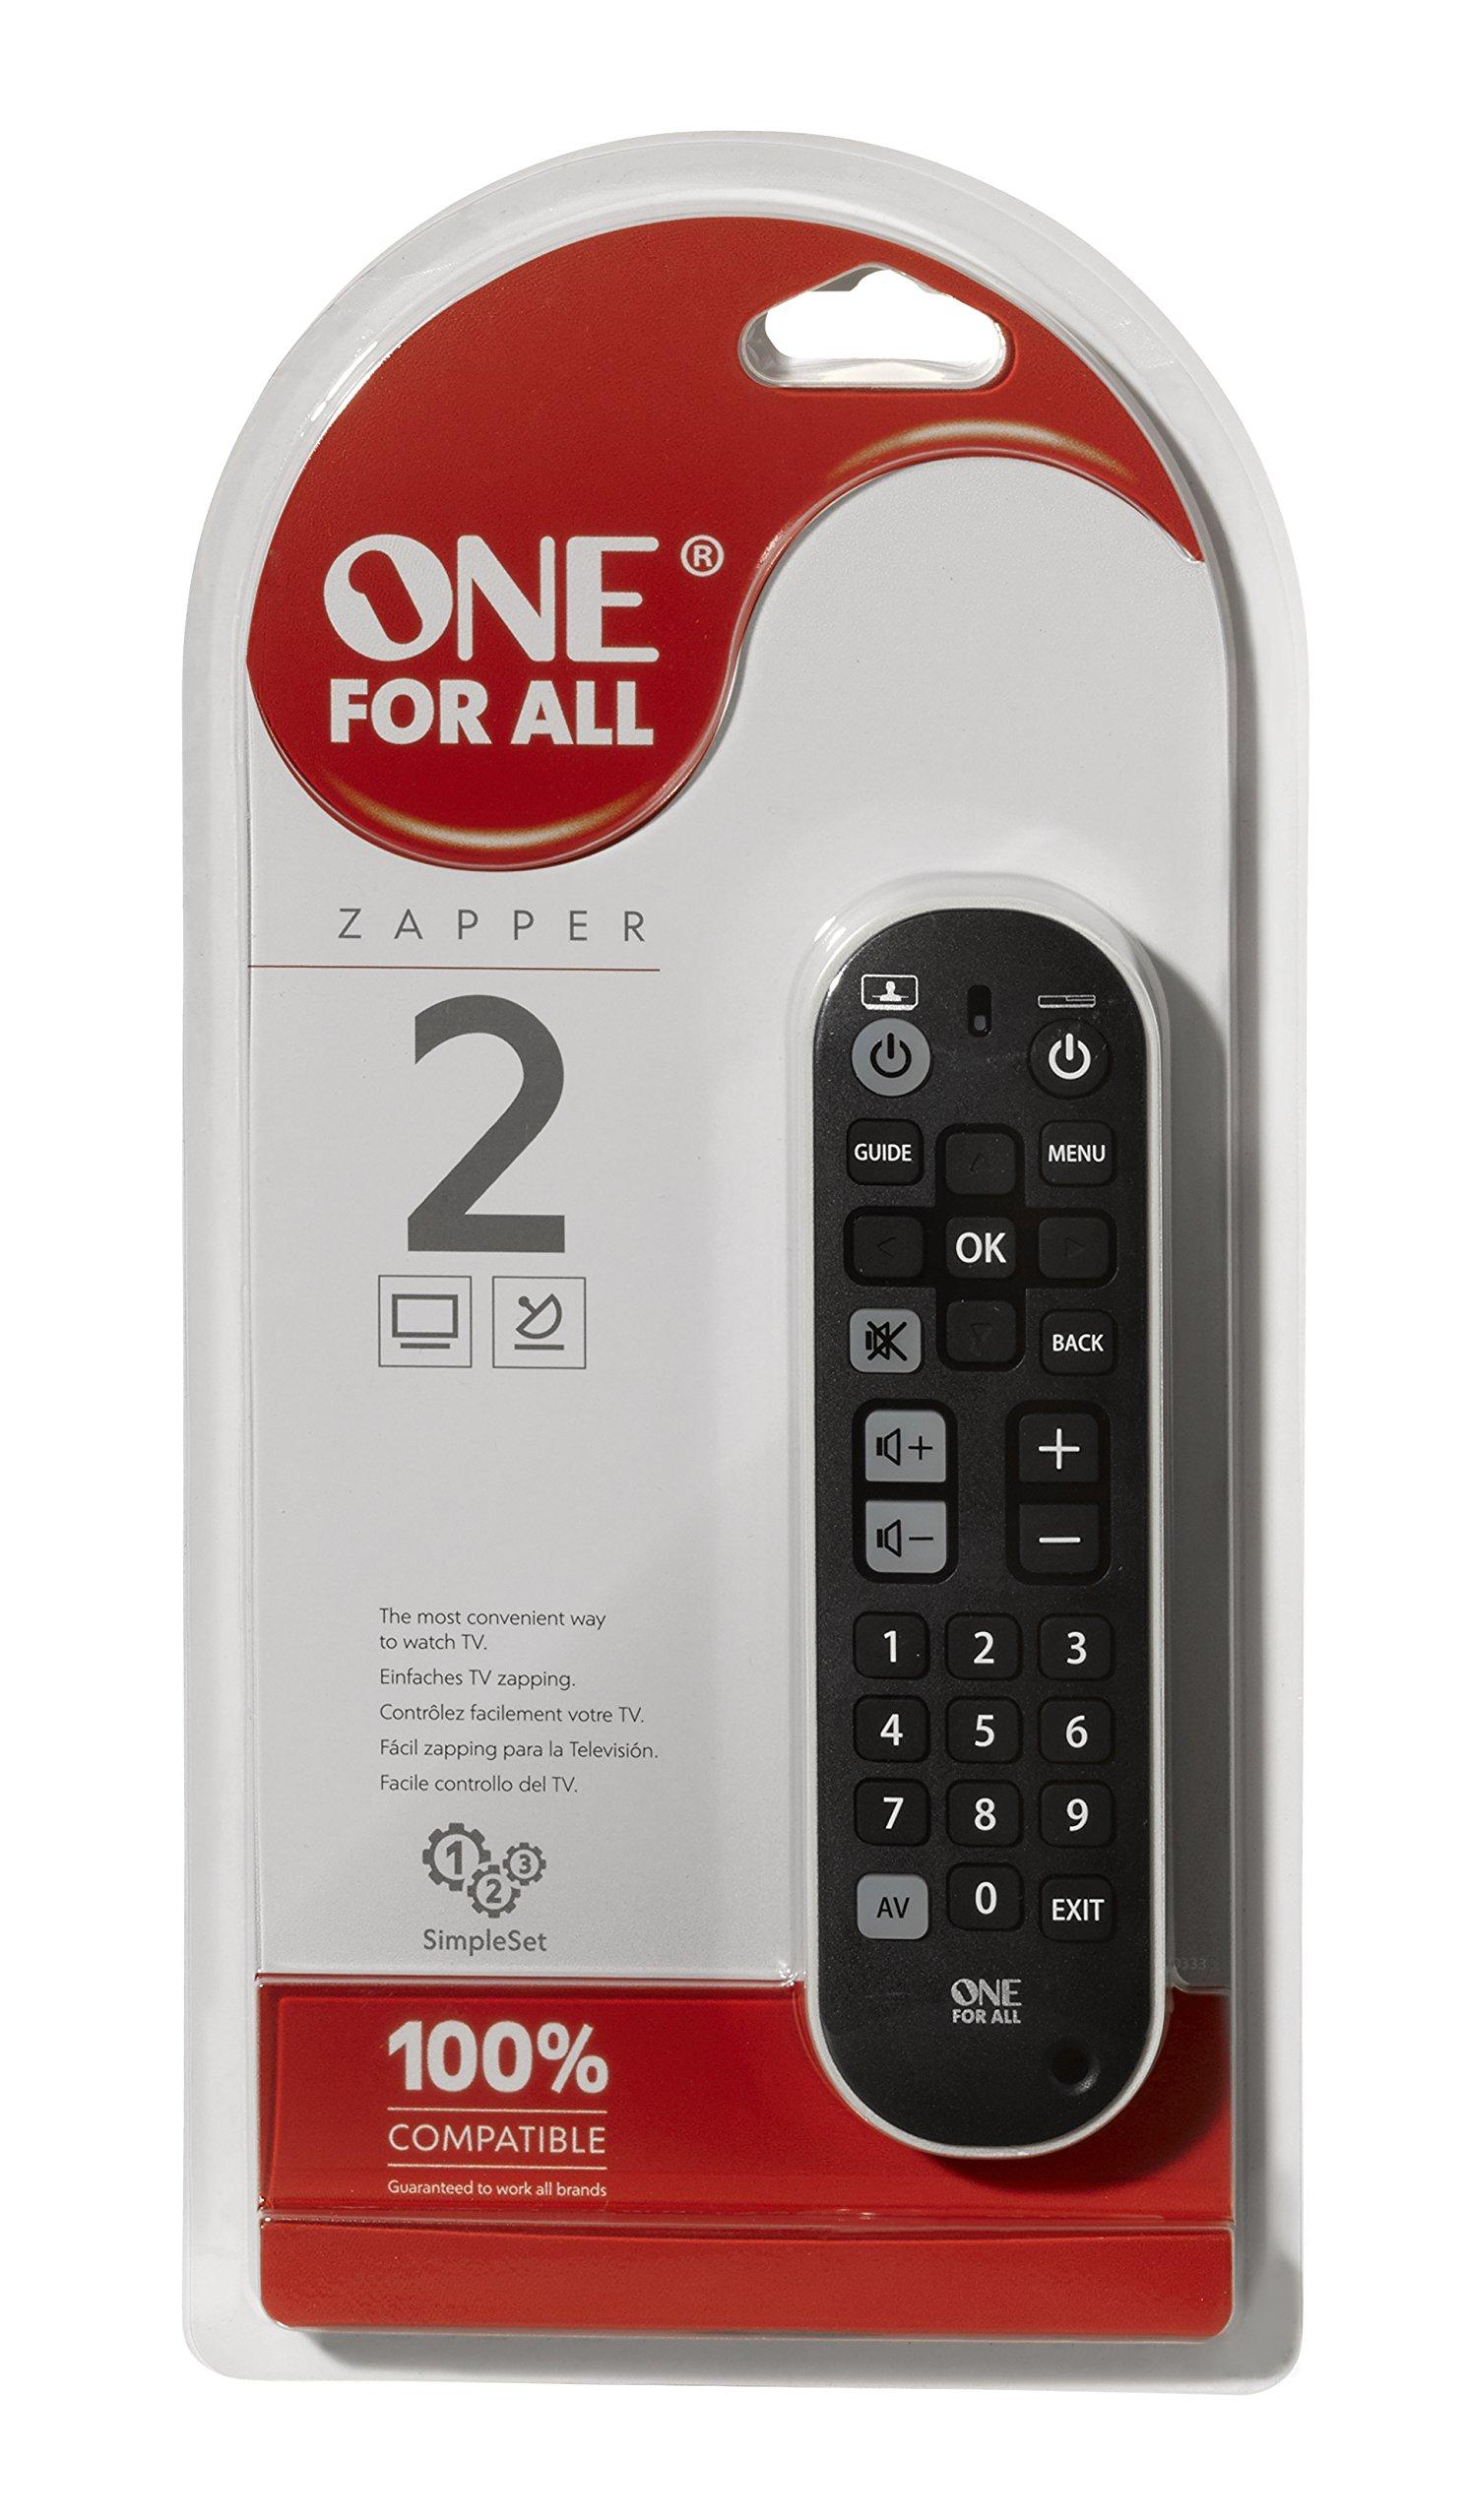 Zapper-Universalfernbedienung-von-One-For-All-Steuerung-von-bis-zu-3-Endgerten-wie-TV-Set-Top-Box-und-Audio-Klar-und-kompakt-strukturiert-Funktioniert-garantiert-mit-allen-TV-Marken-URC-6820